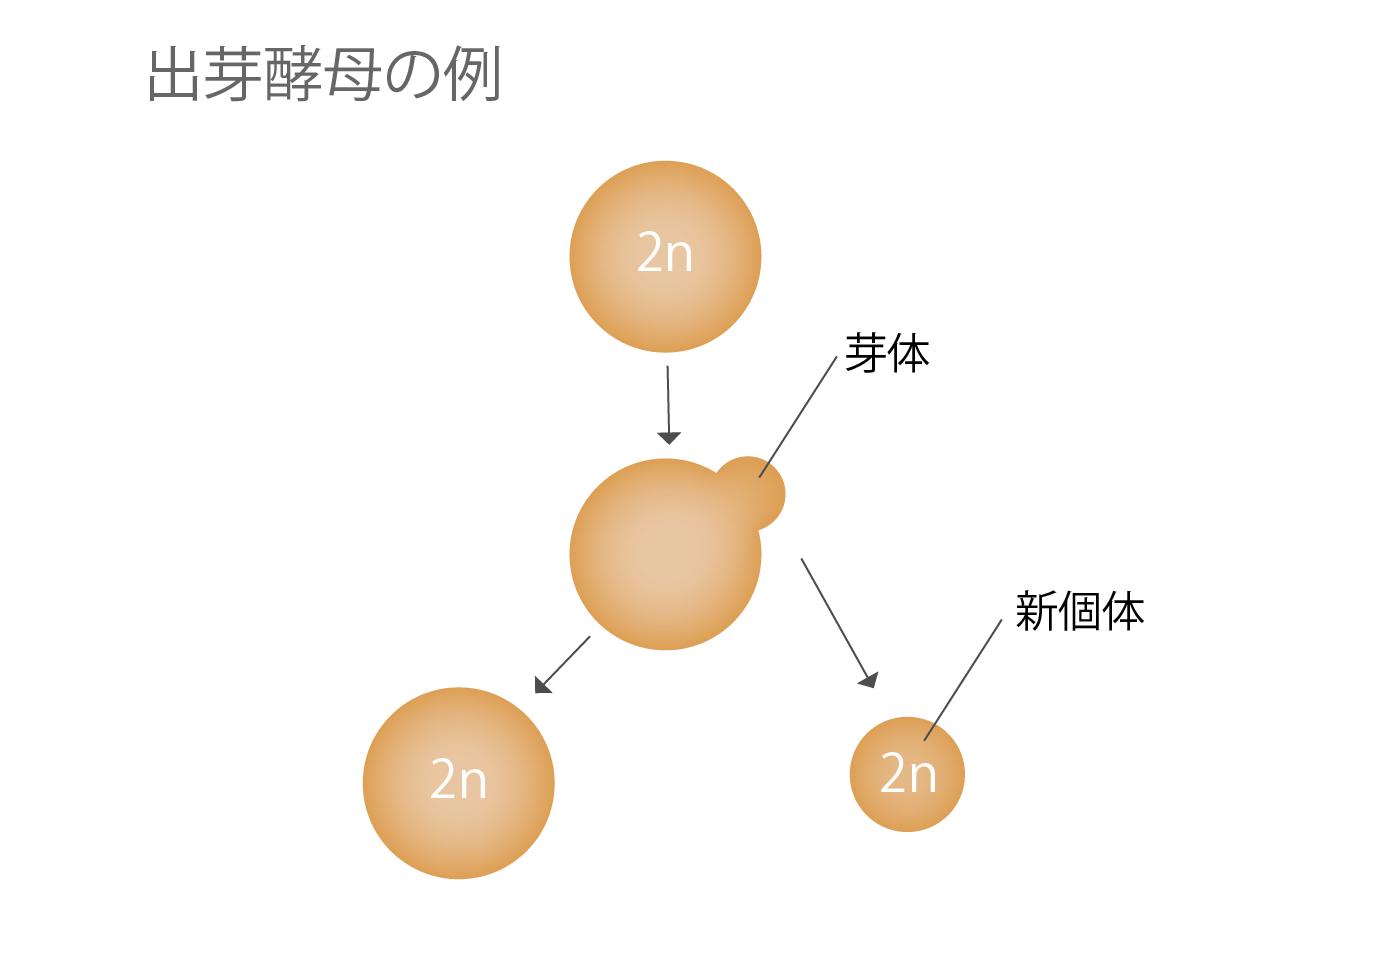 無性生殖 酵母